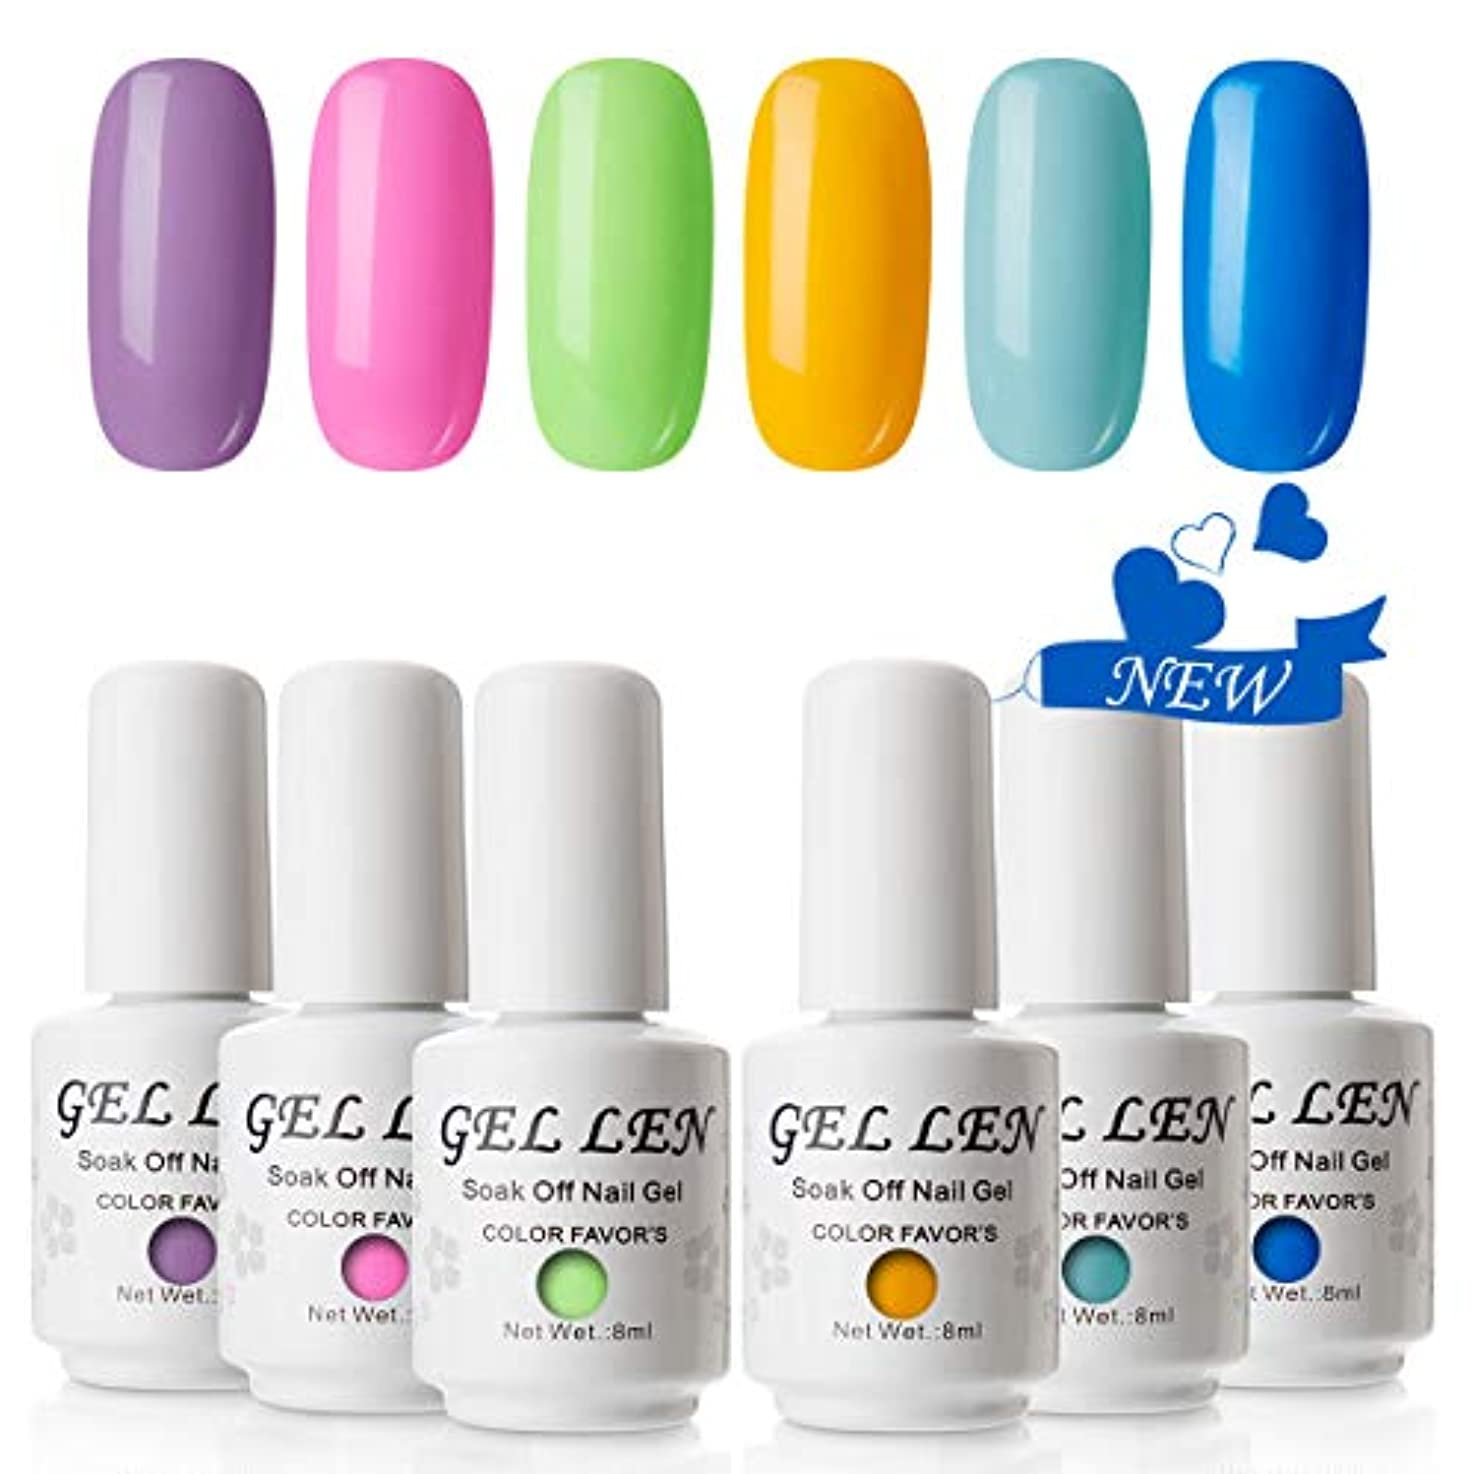 フラフープ動的簡単にGellen 透心瓶 ジェルネイル カラー 6色セット 8ml UV・LED ポリッシュタイプ カラージェル ポップ ネオン カラフル ネイルアート